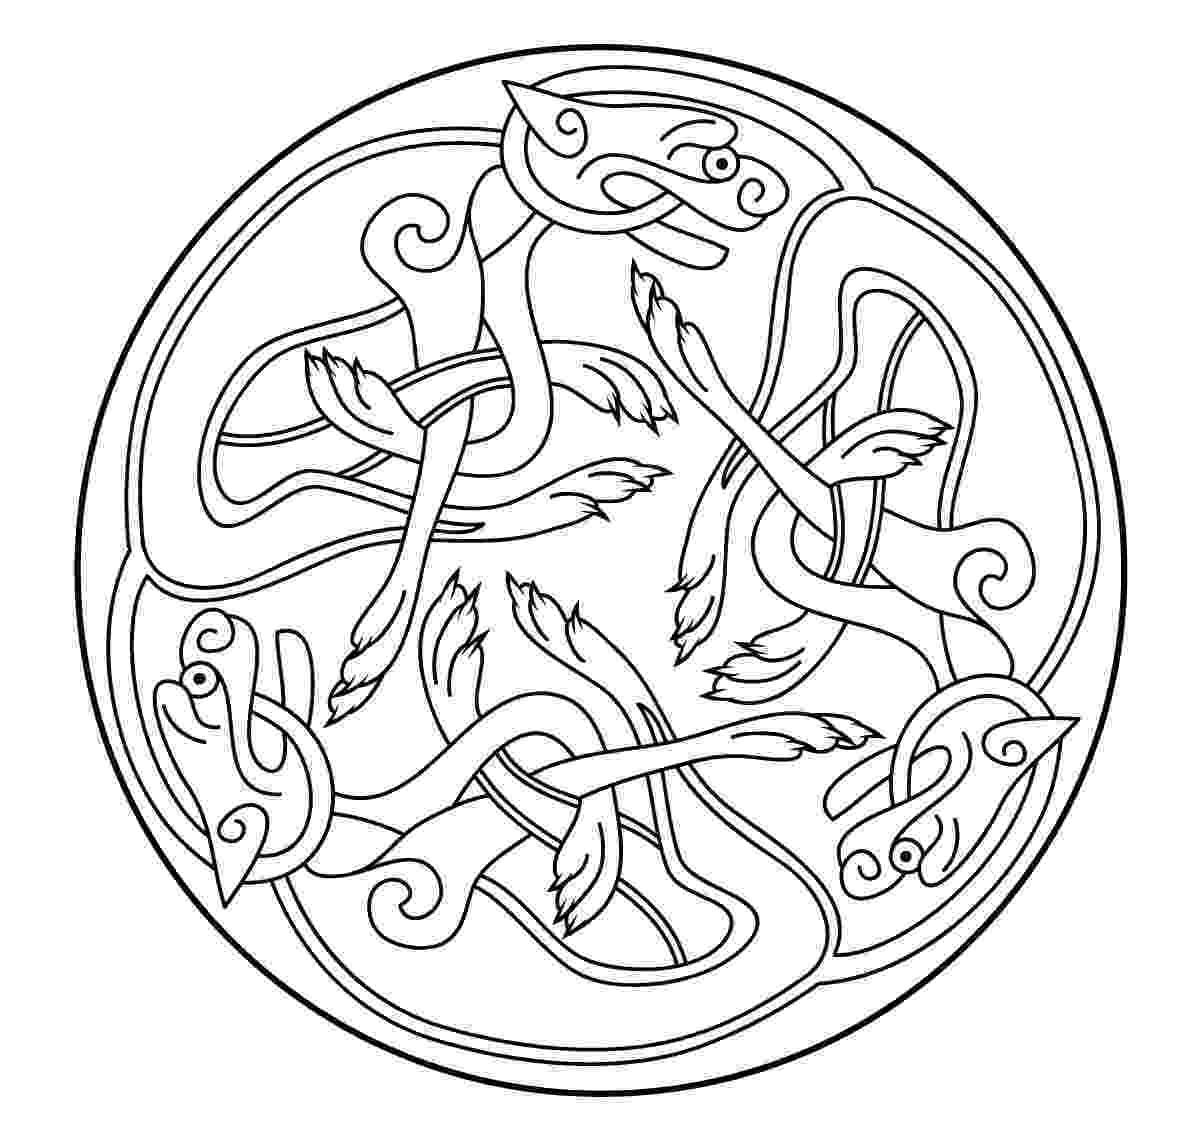 celtic art colouring pages celtic art 58 celtic art adult coloring pages celtic art colouring pages